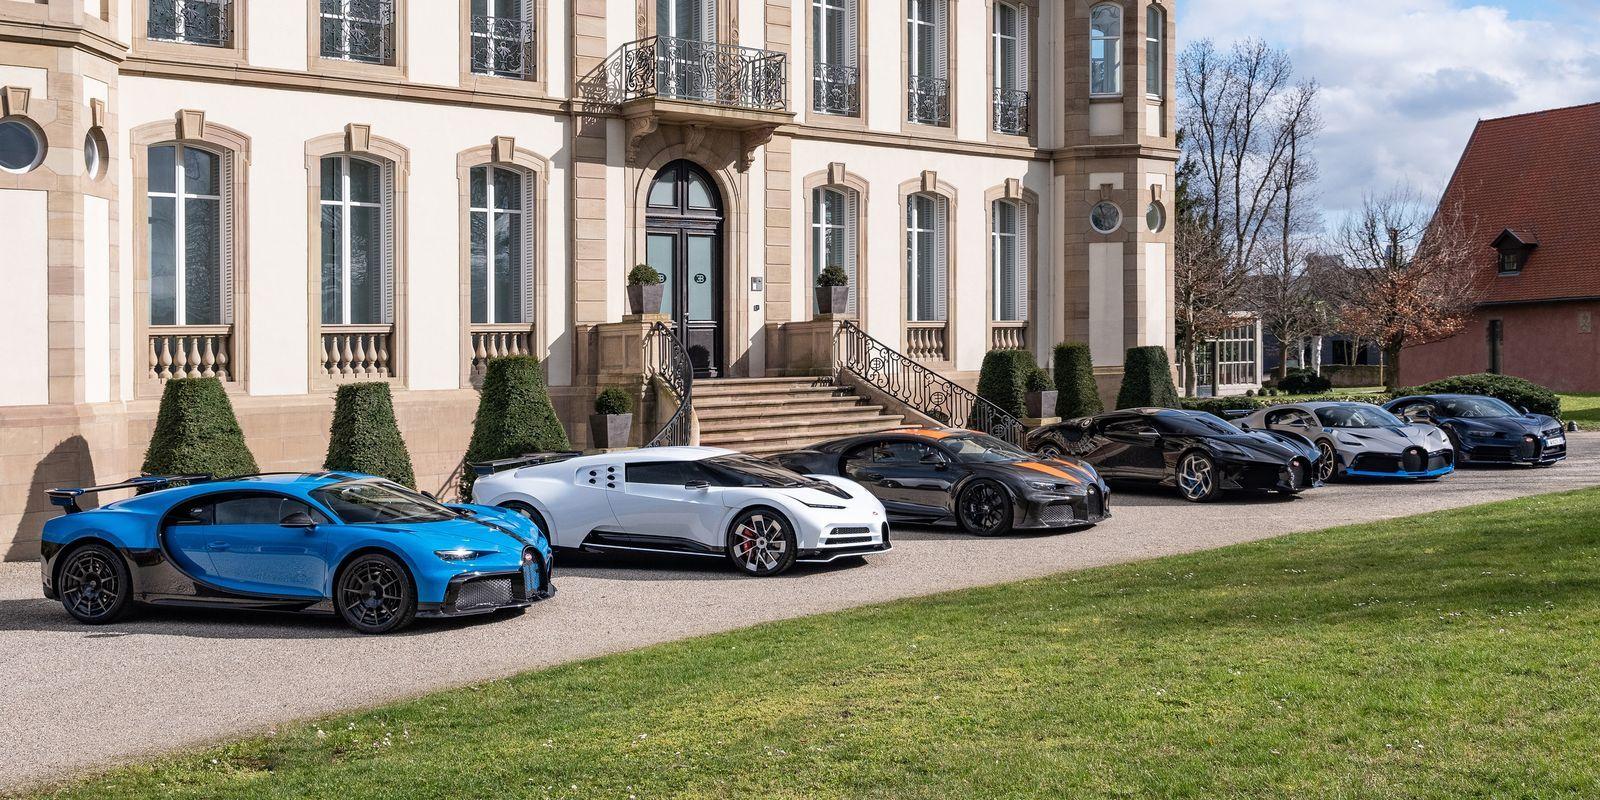 La familia Bugatti: una imagen que vale más de 30 millones de euros